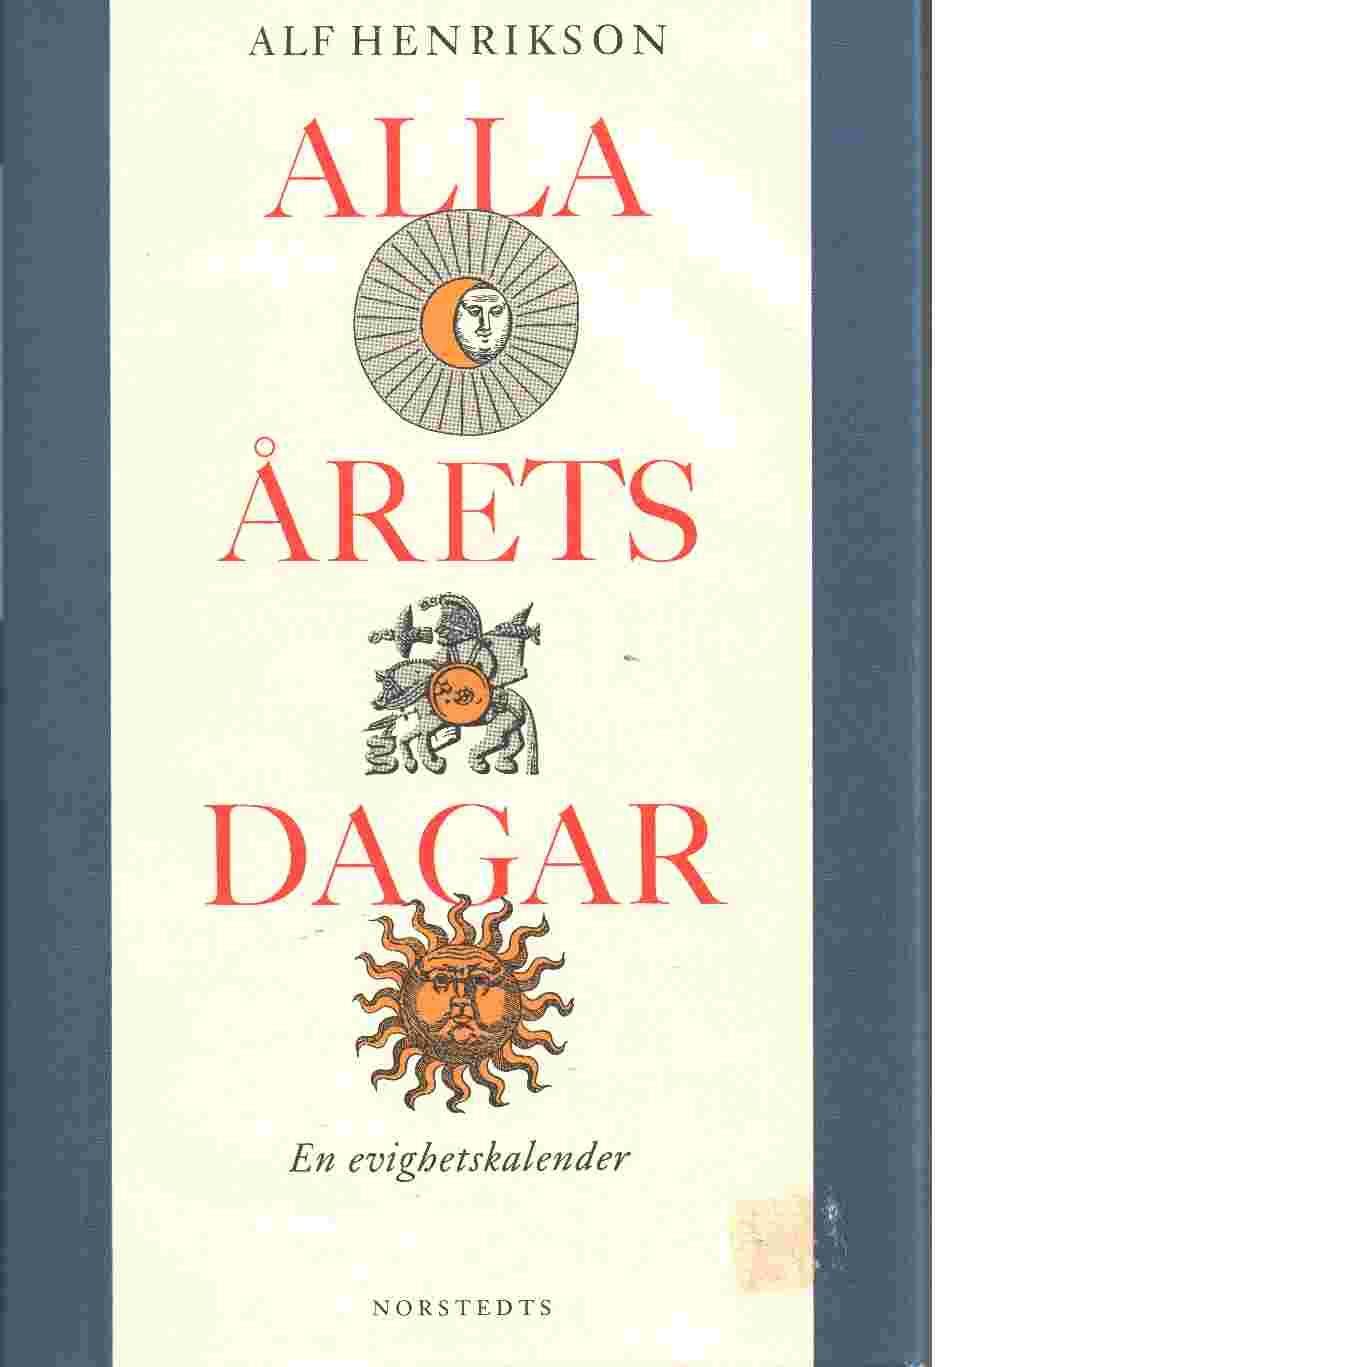 Alla årets dagar : En evighetskalender - Henrikson, Alf